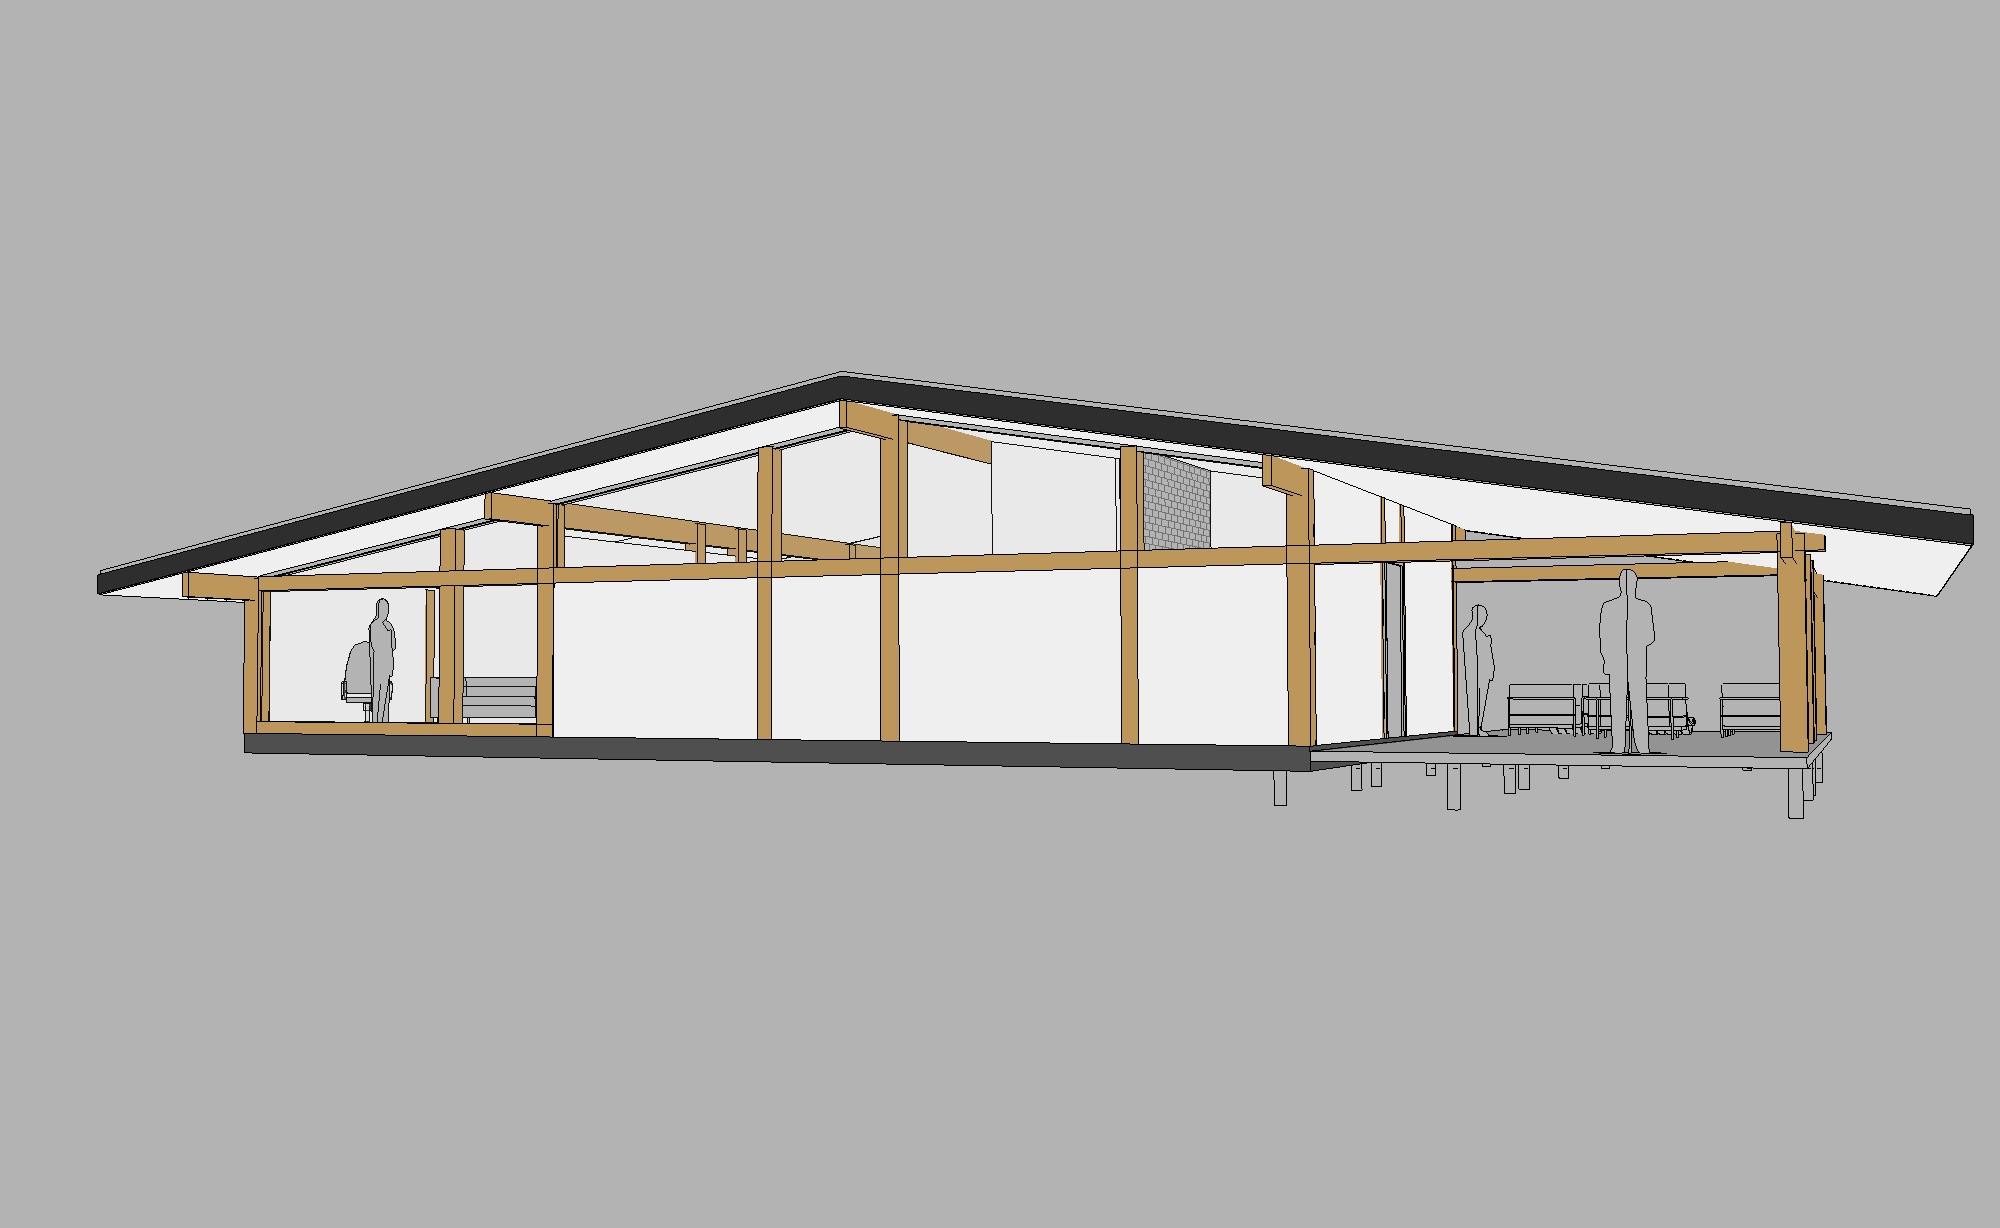 готовый проект одноэтажного коттеджа